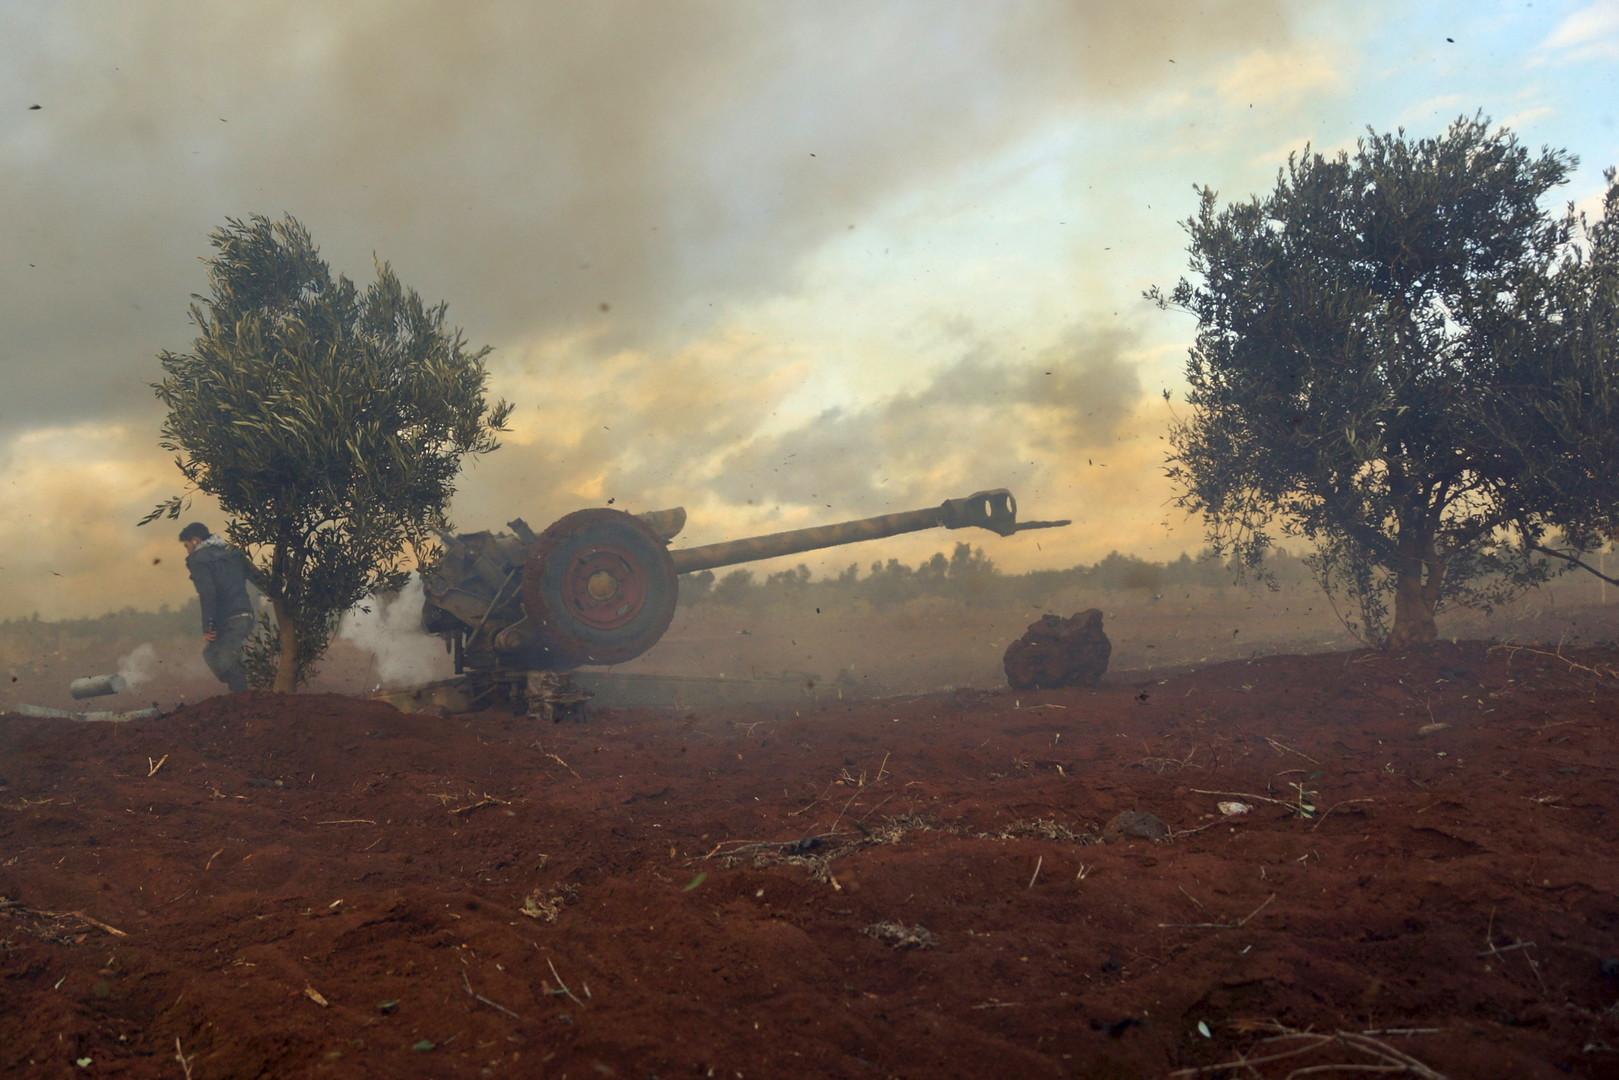 صورة أرشيفية من المعارك في سوريا